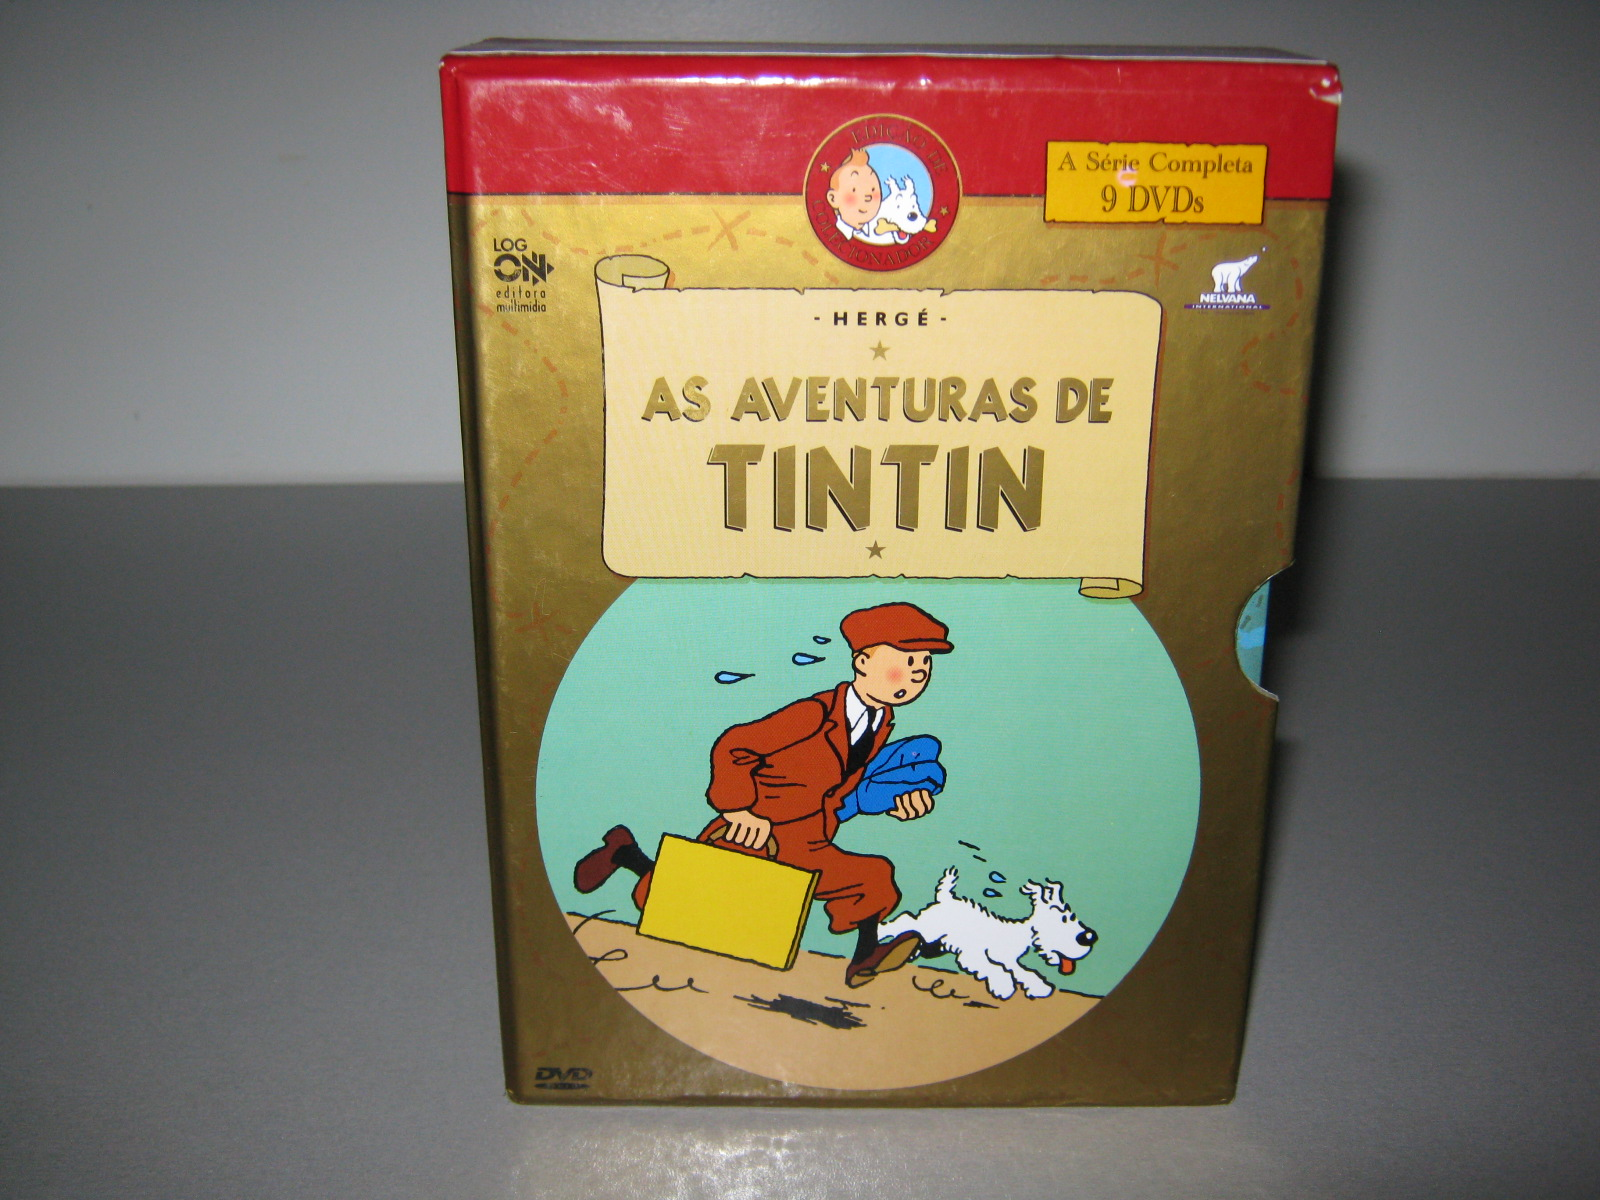 rafael f 39 s dvd bd collection aventuras de tintin as a. Black Bedroom Furniture Sets. Home Design Ideas